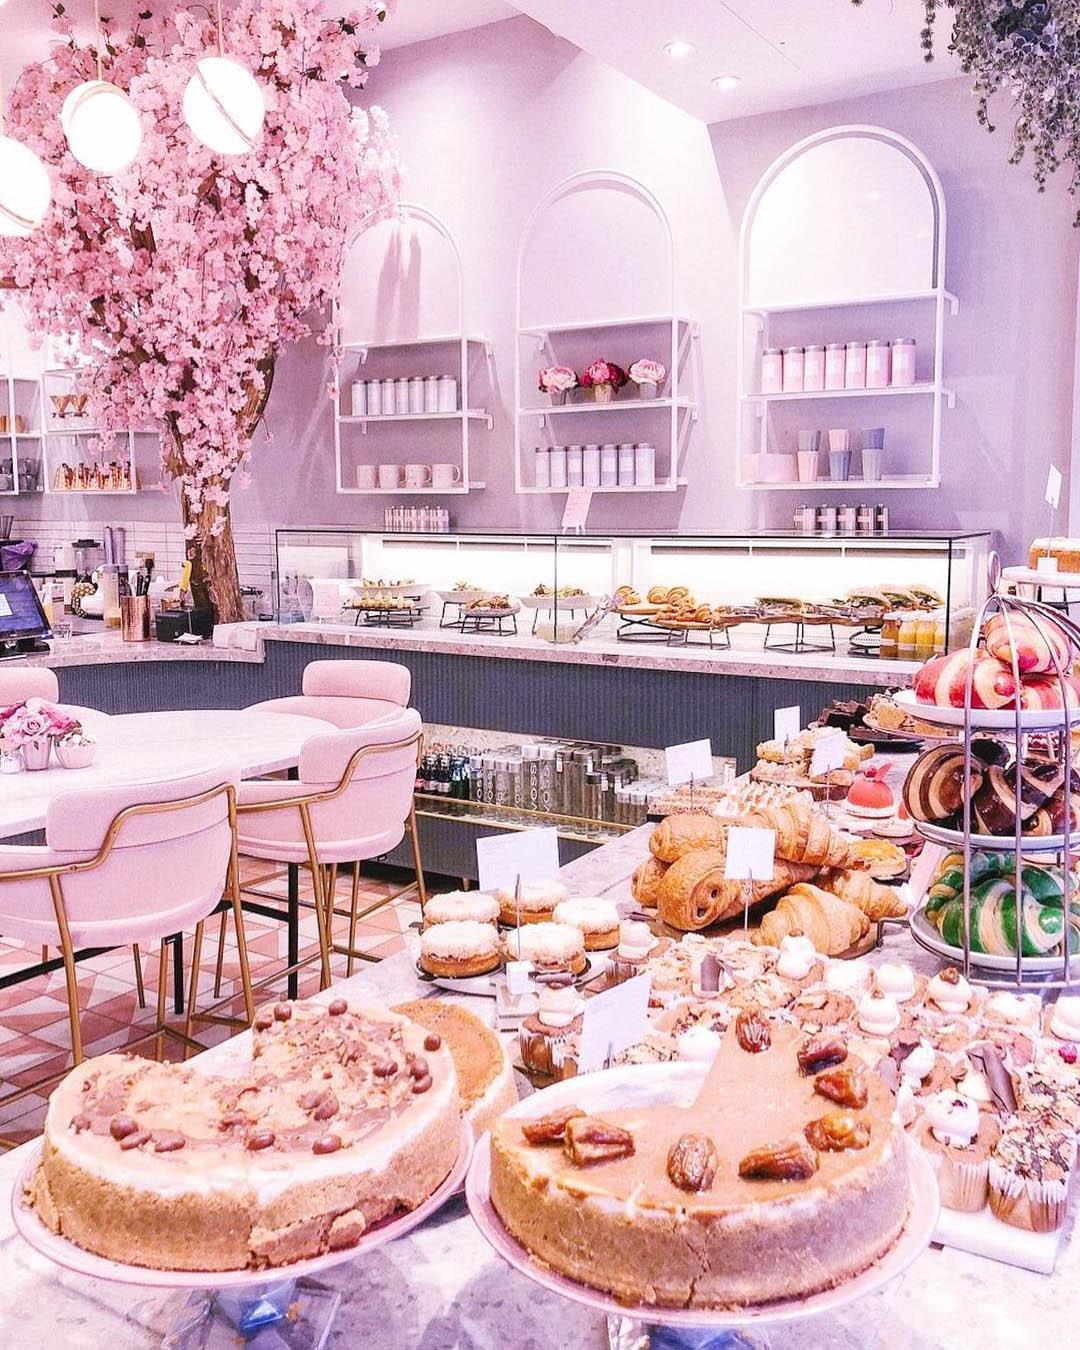 時尚粉紅的咖啡店